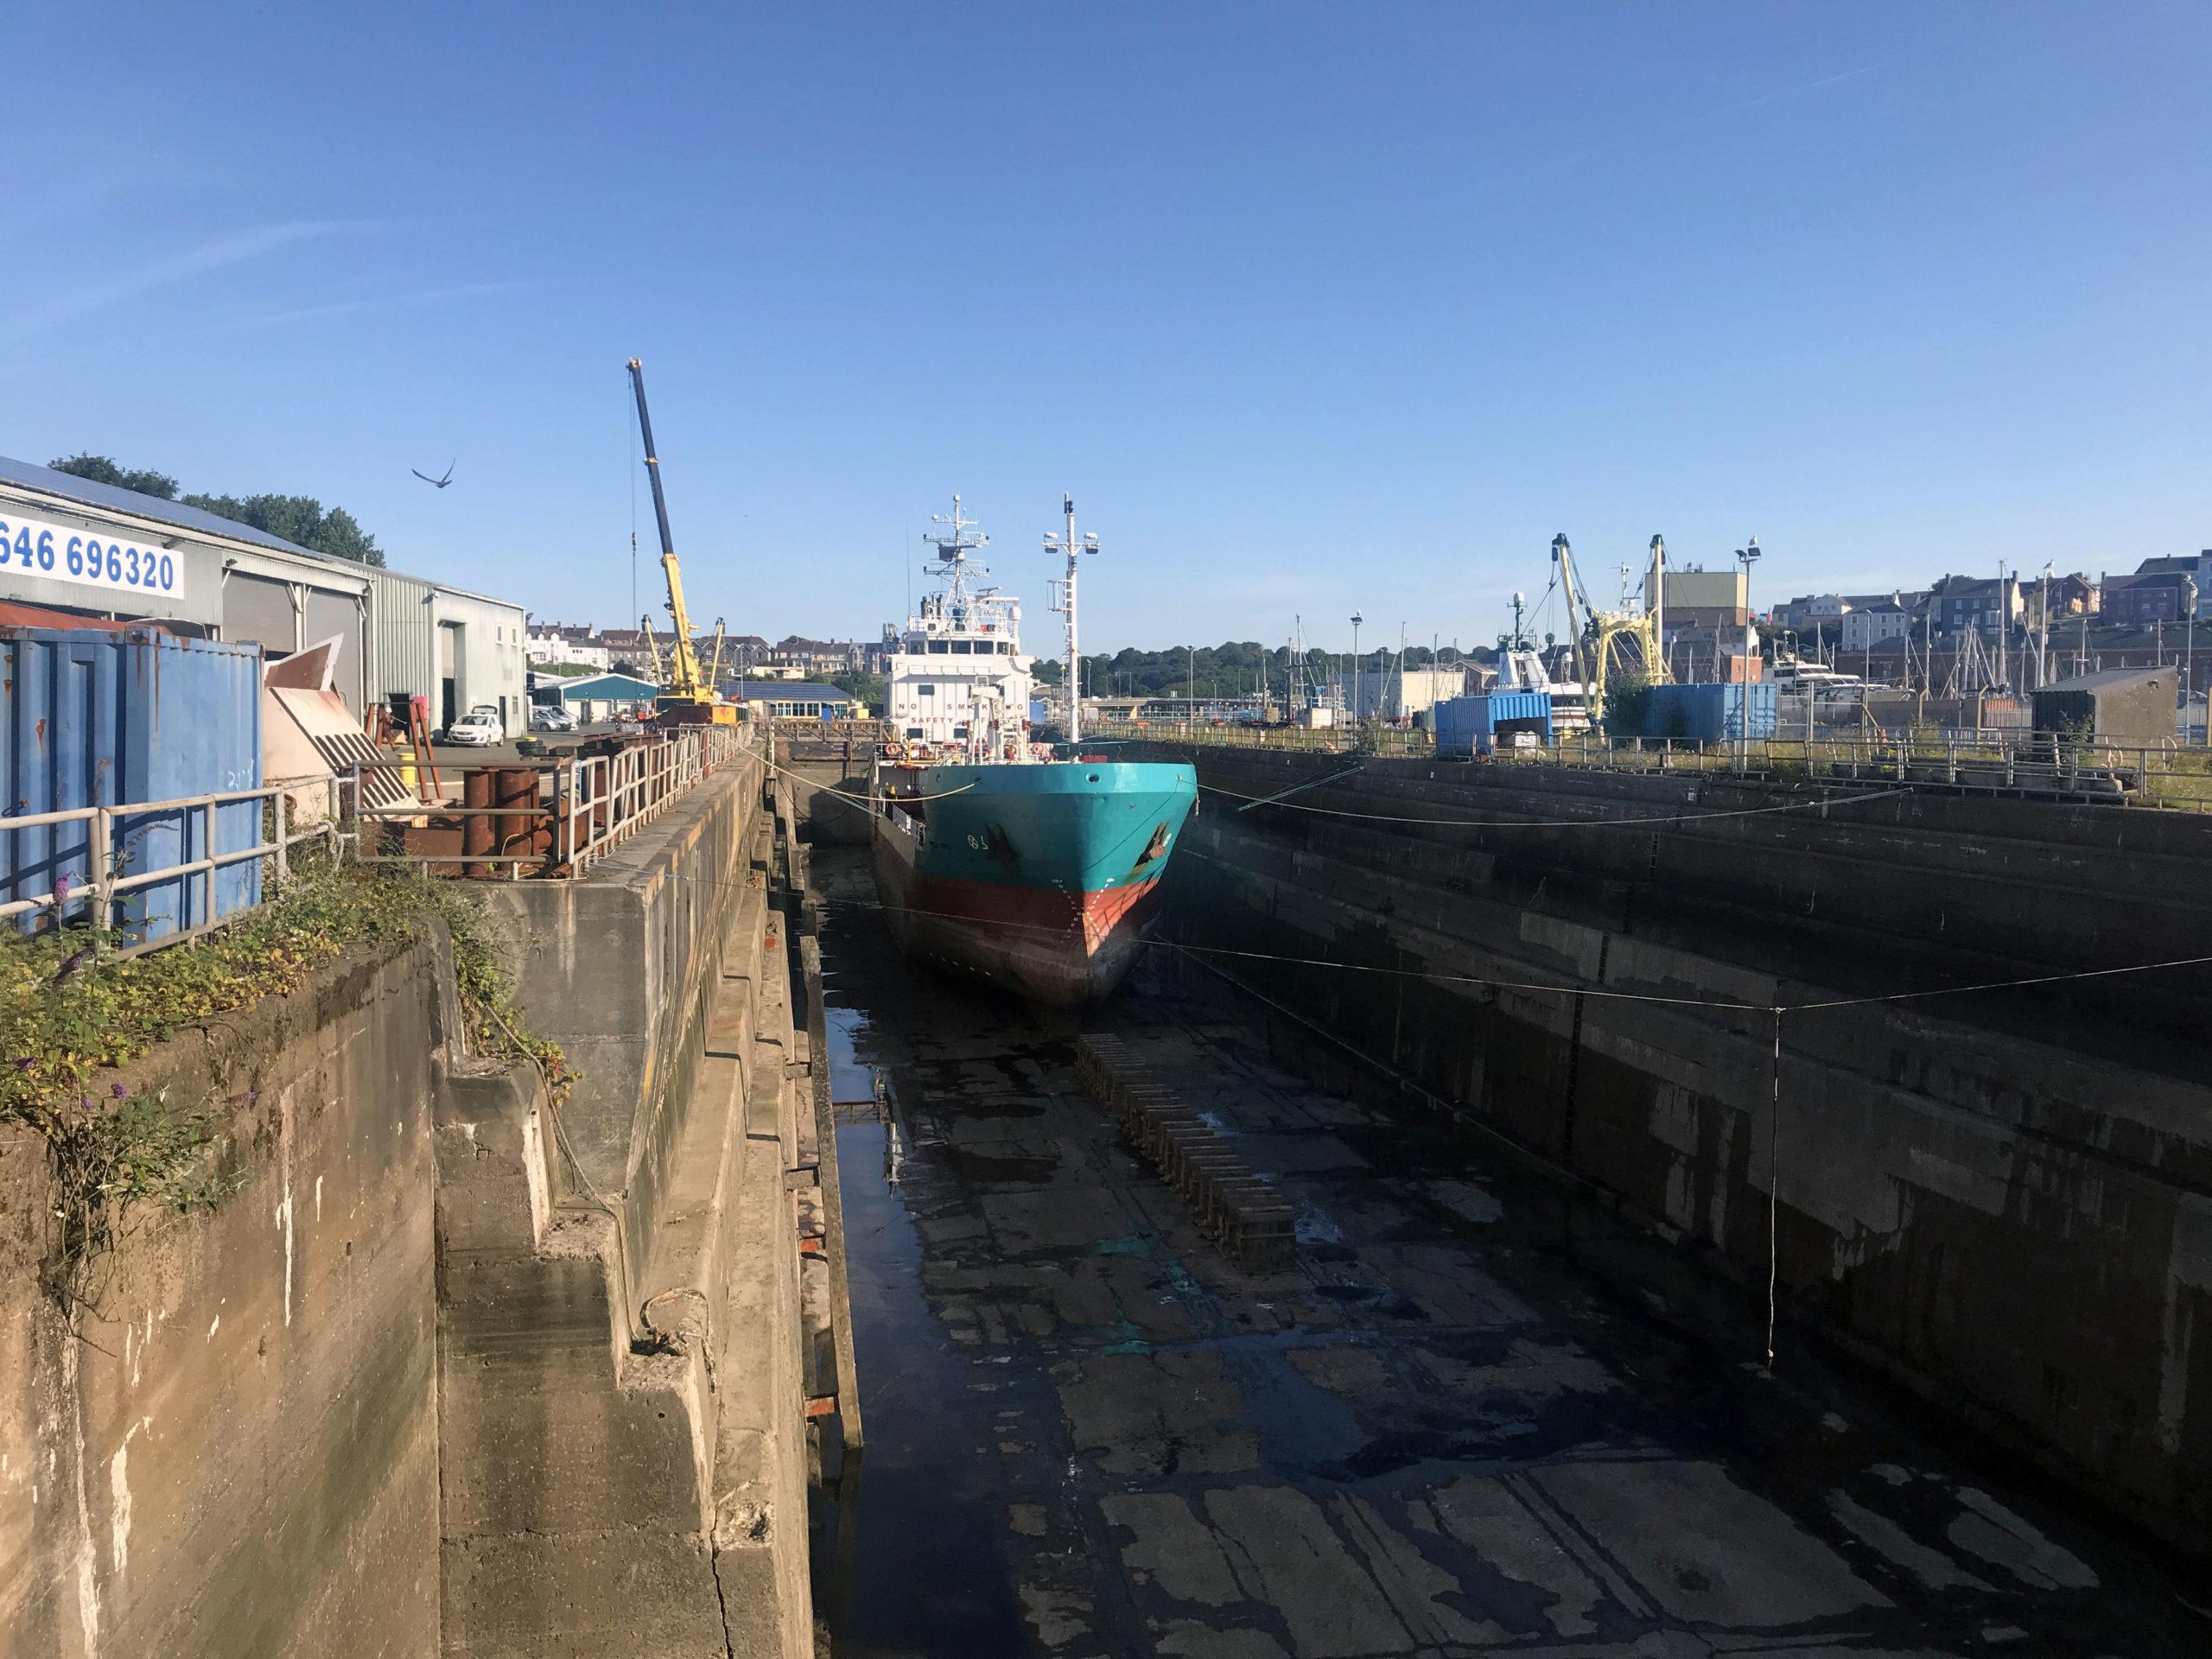 Vessel in drydock